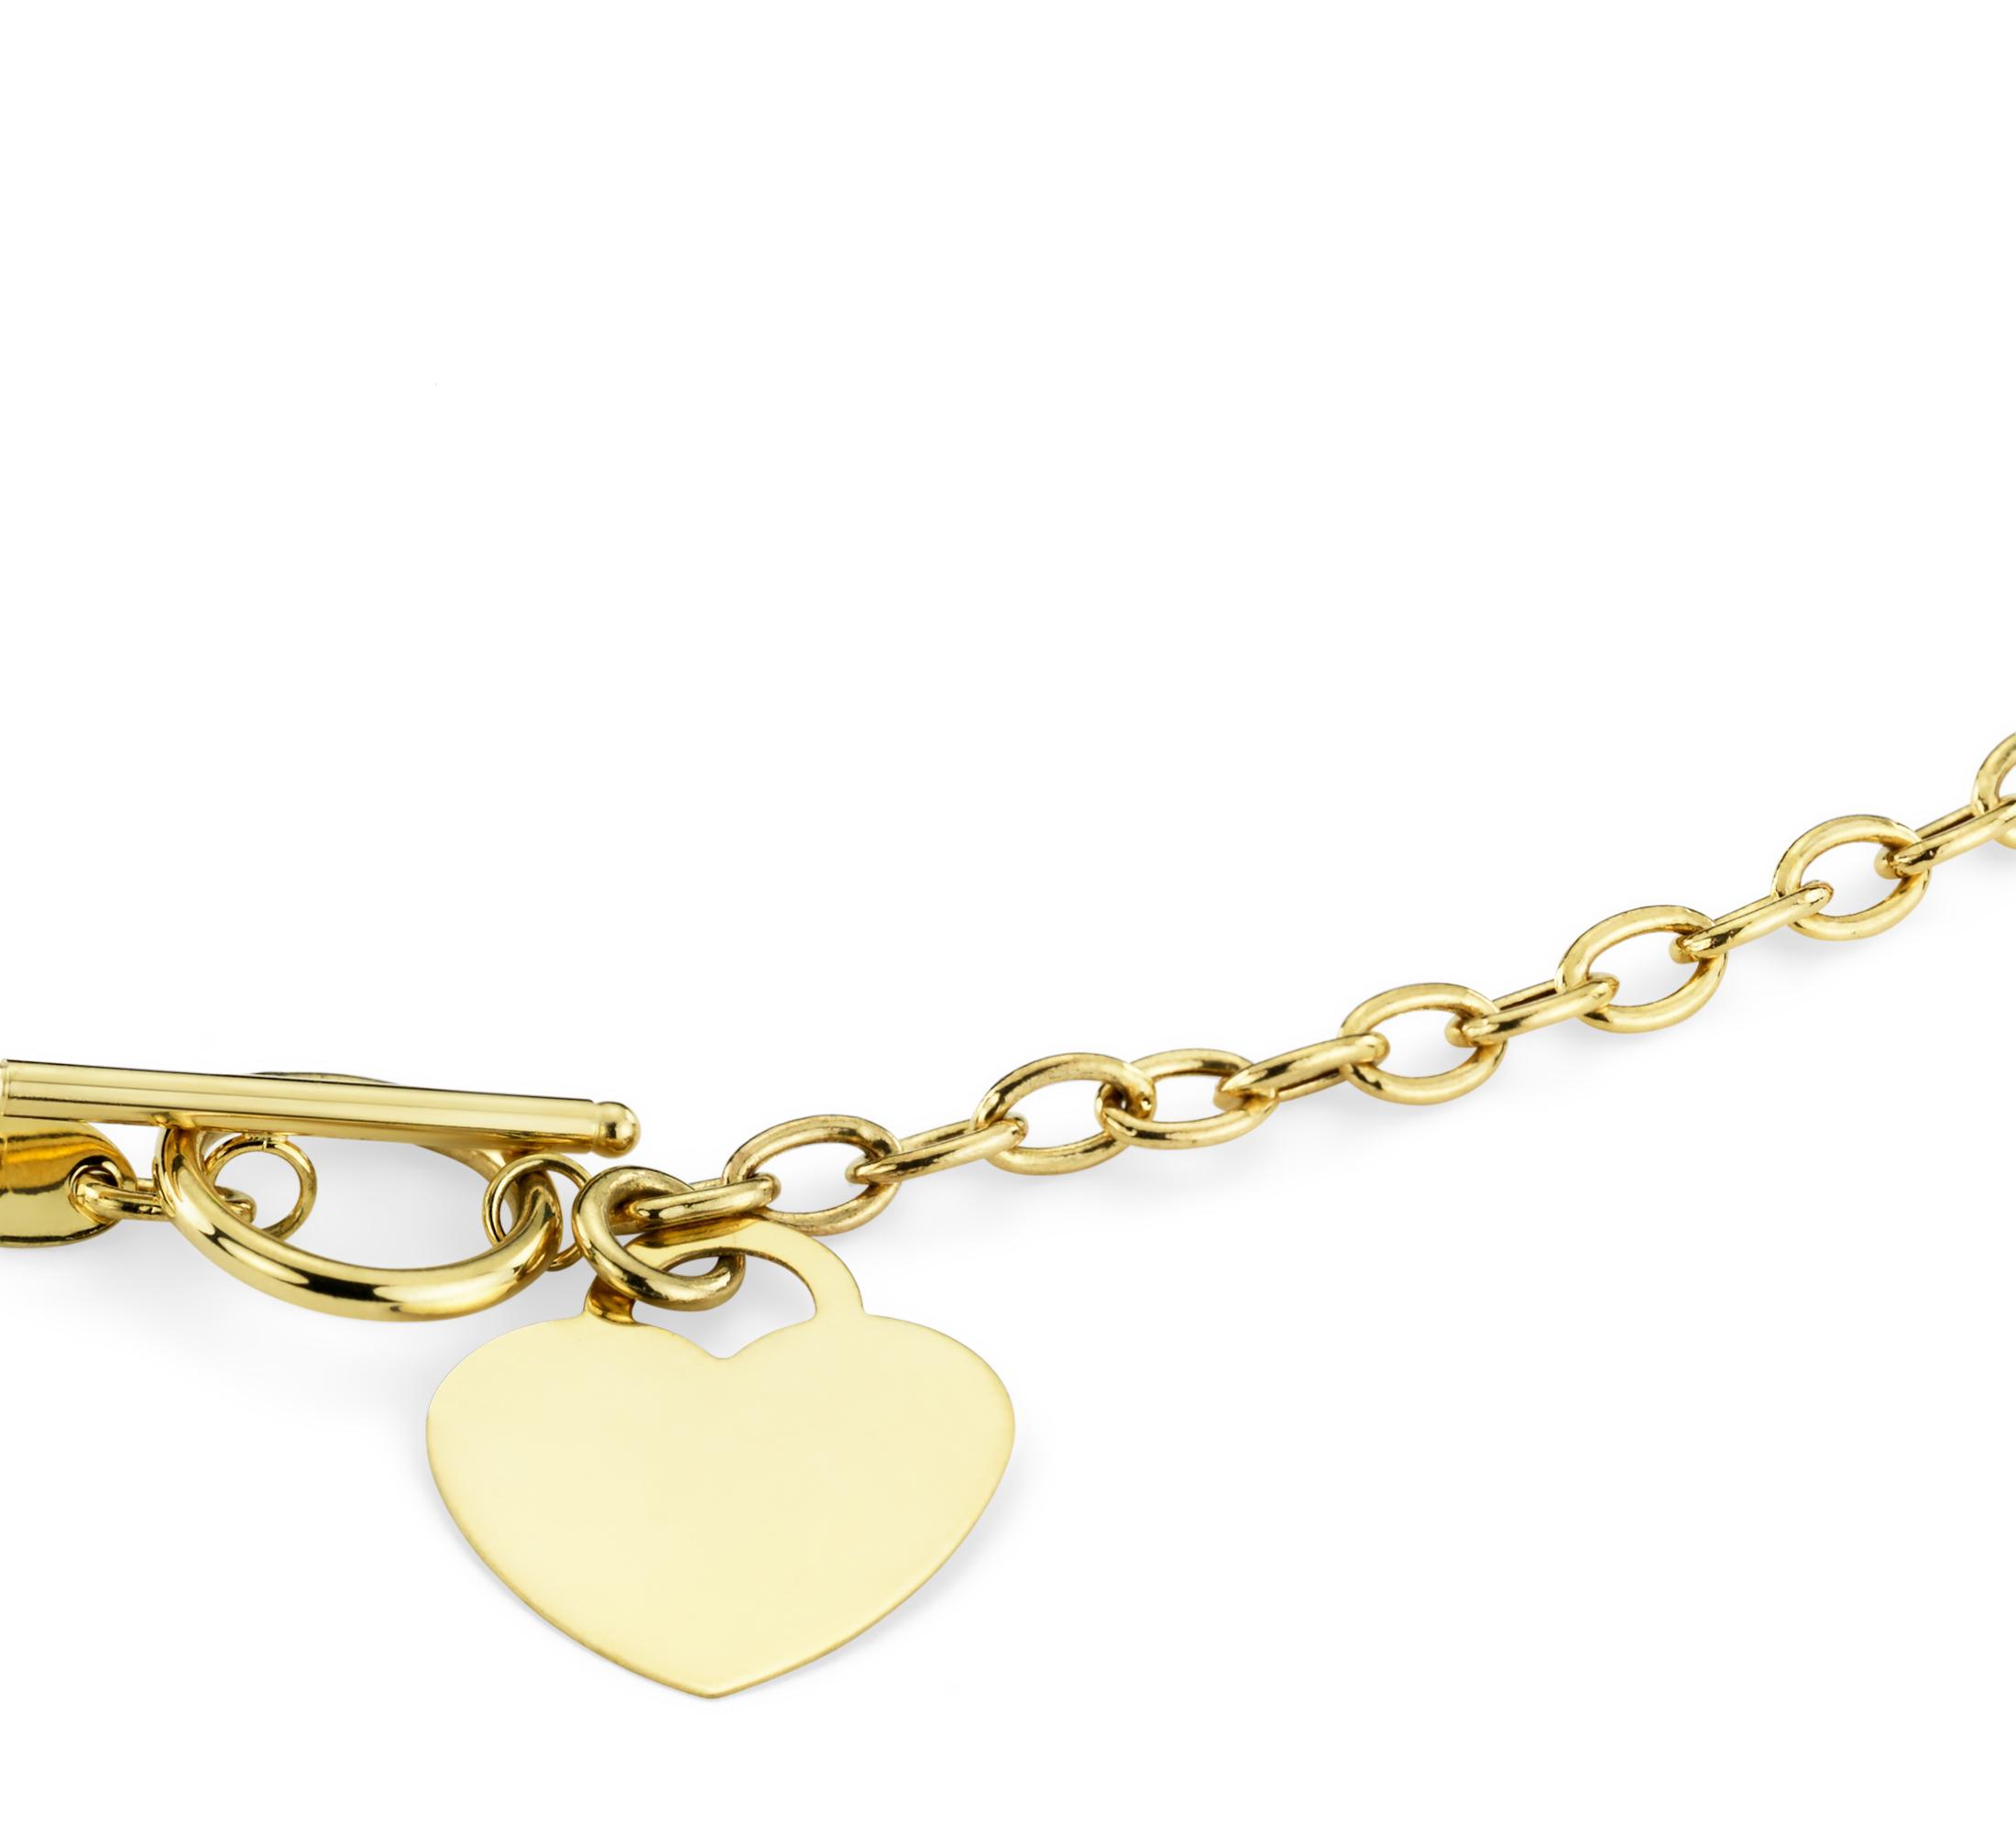 Collar pequeño con dije en forma de corazón con broche de botón en oro amarillo de 14k